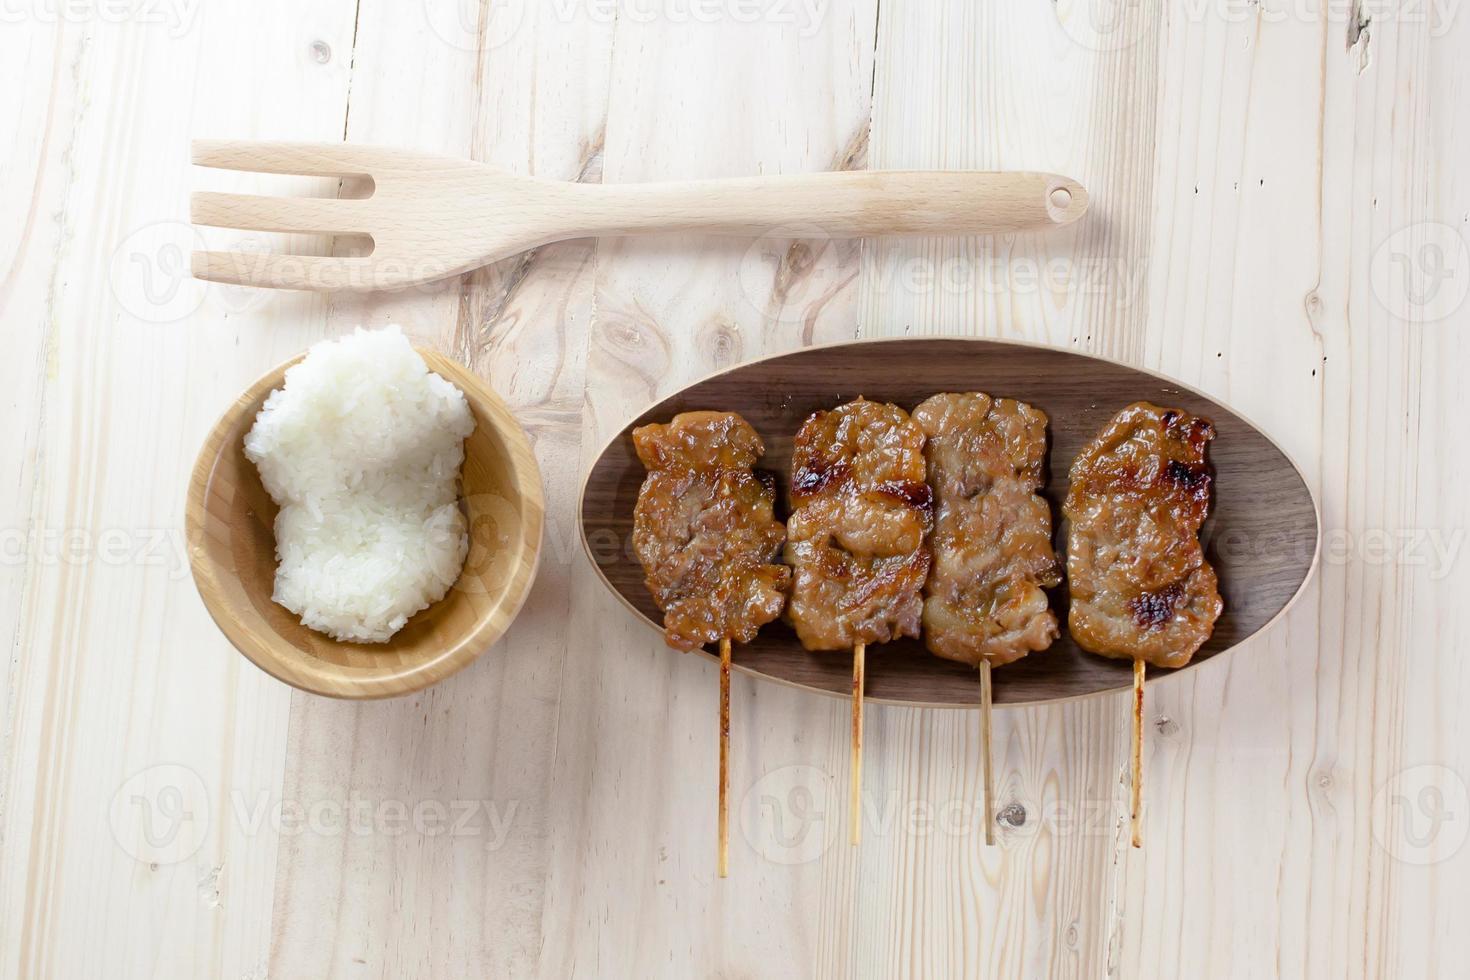 porco tailandês com estilo tailandês e arroz foto